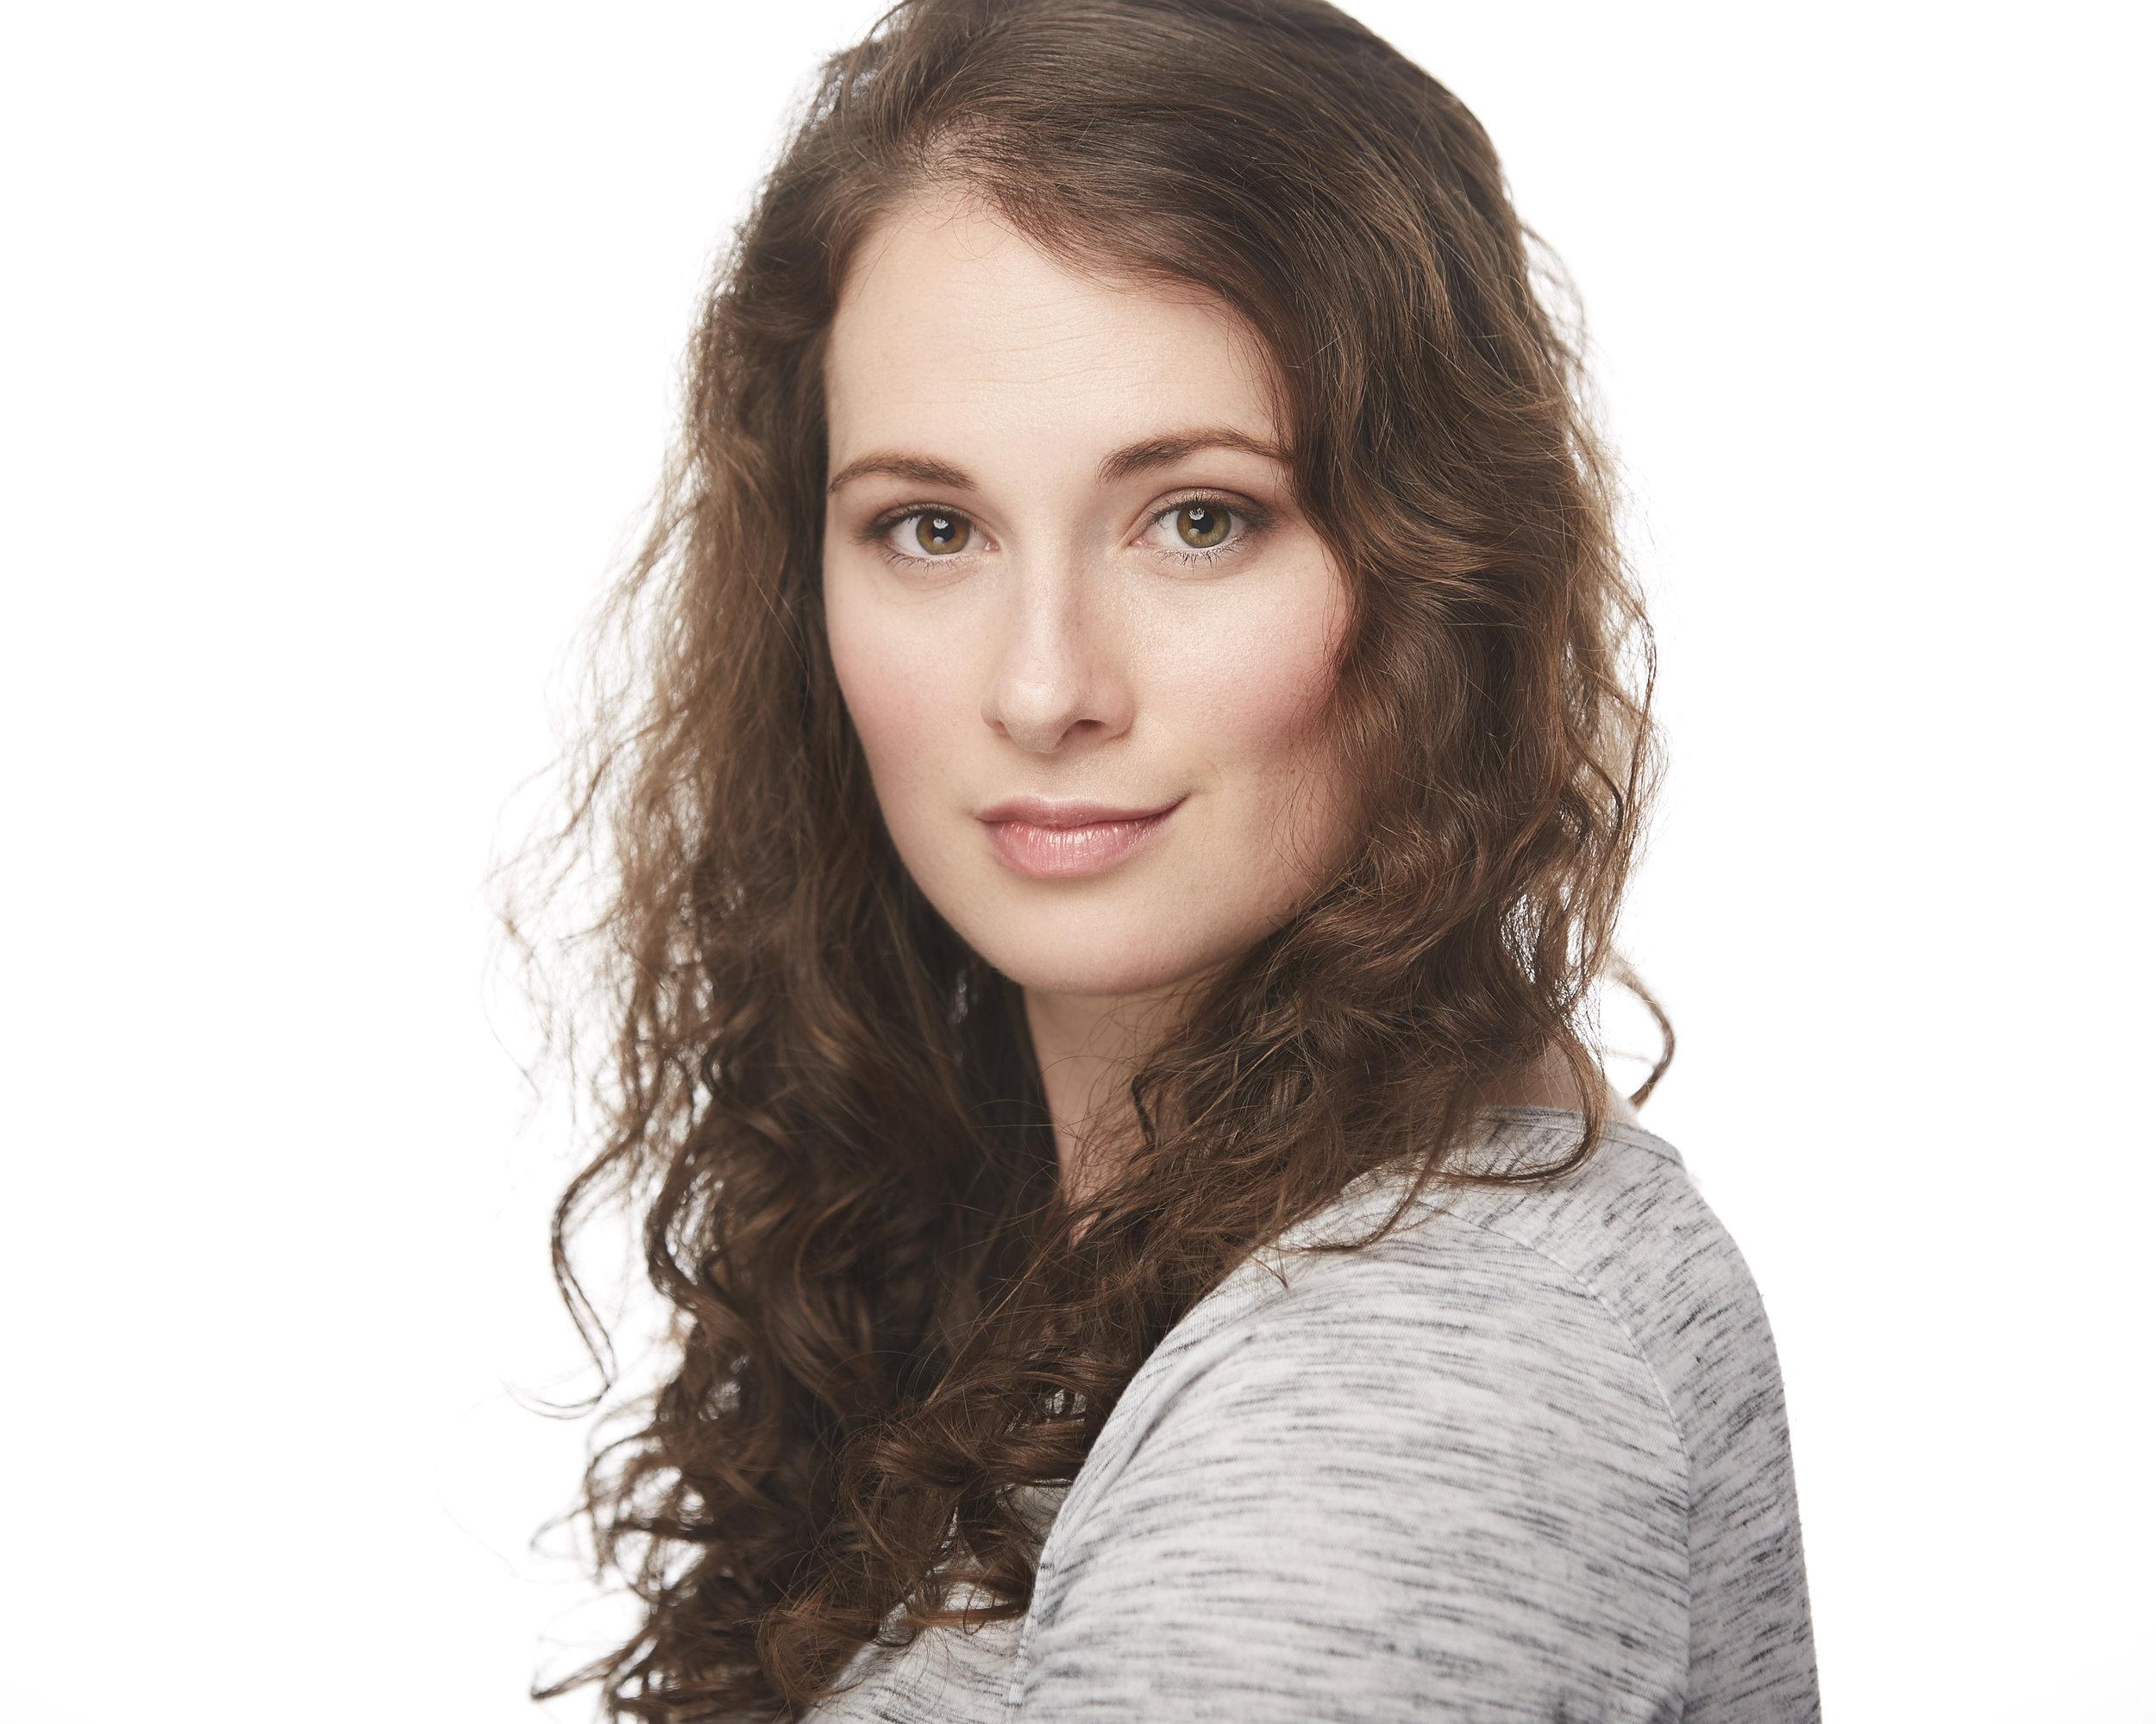 Zoe Harlen